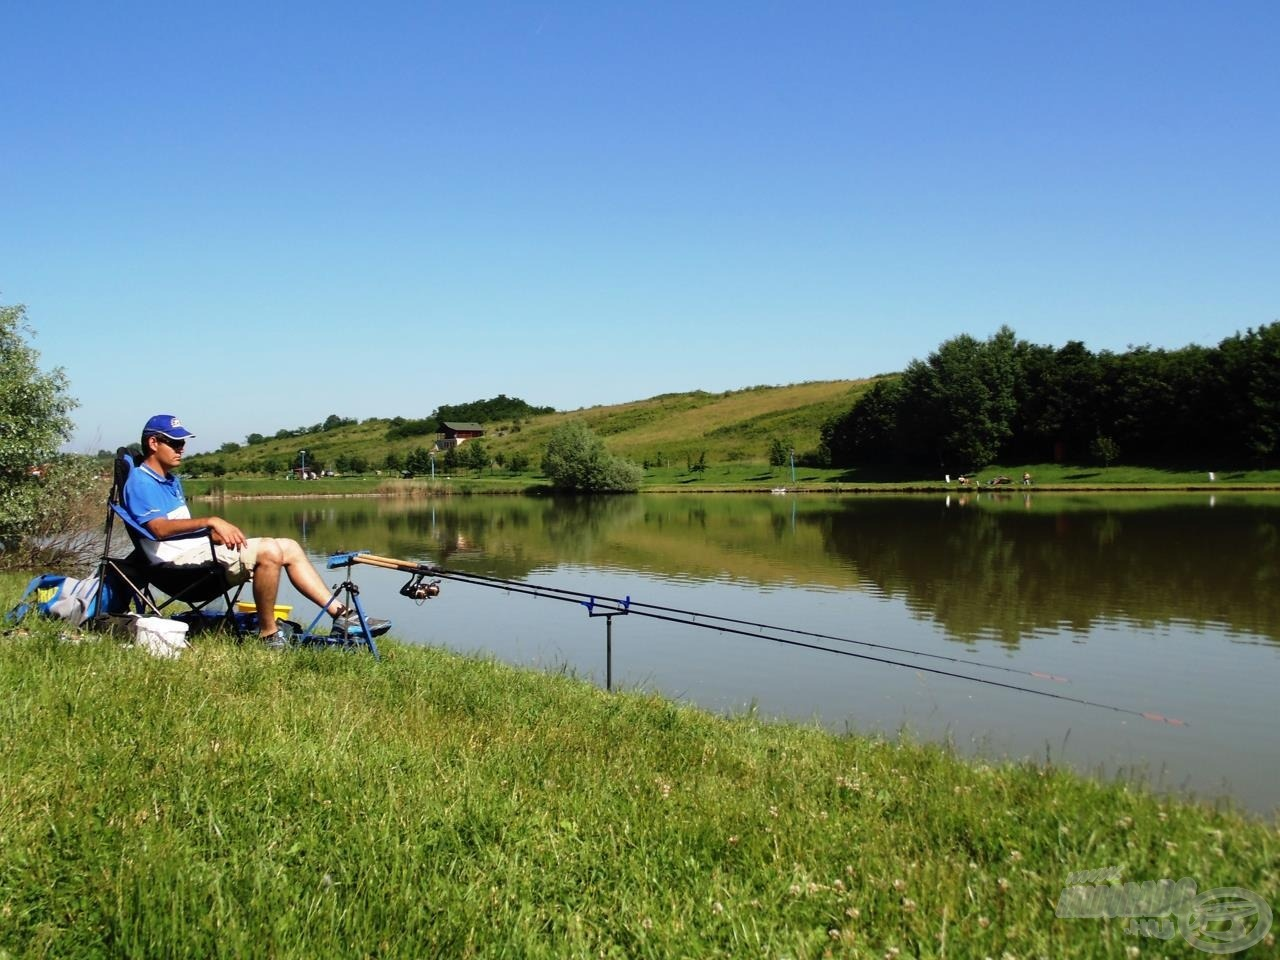 Kényelmes horgászatot kívánok mindenkinek!